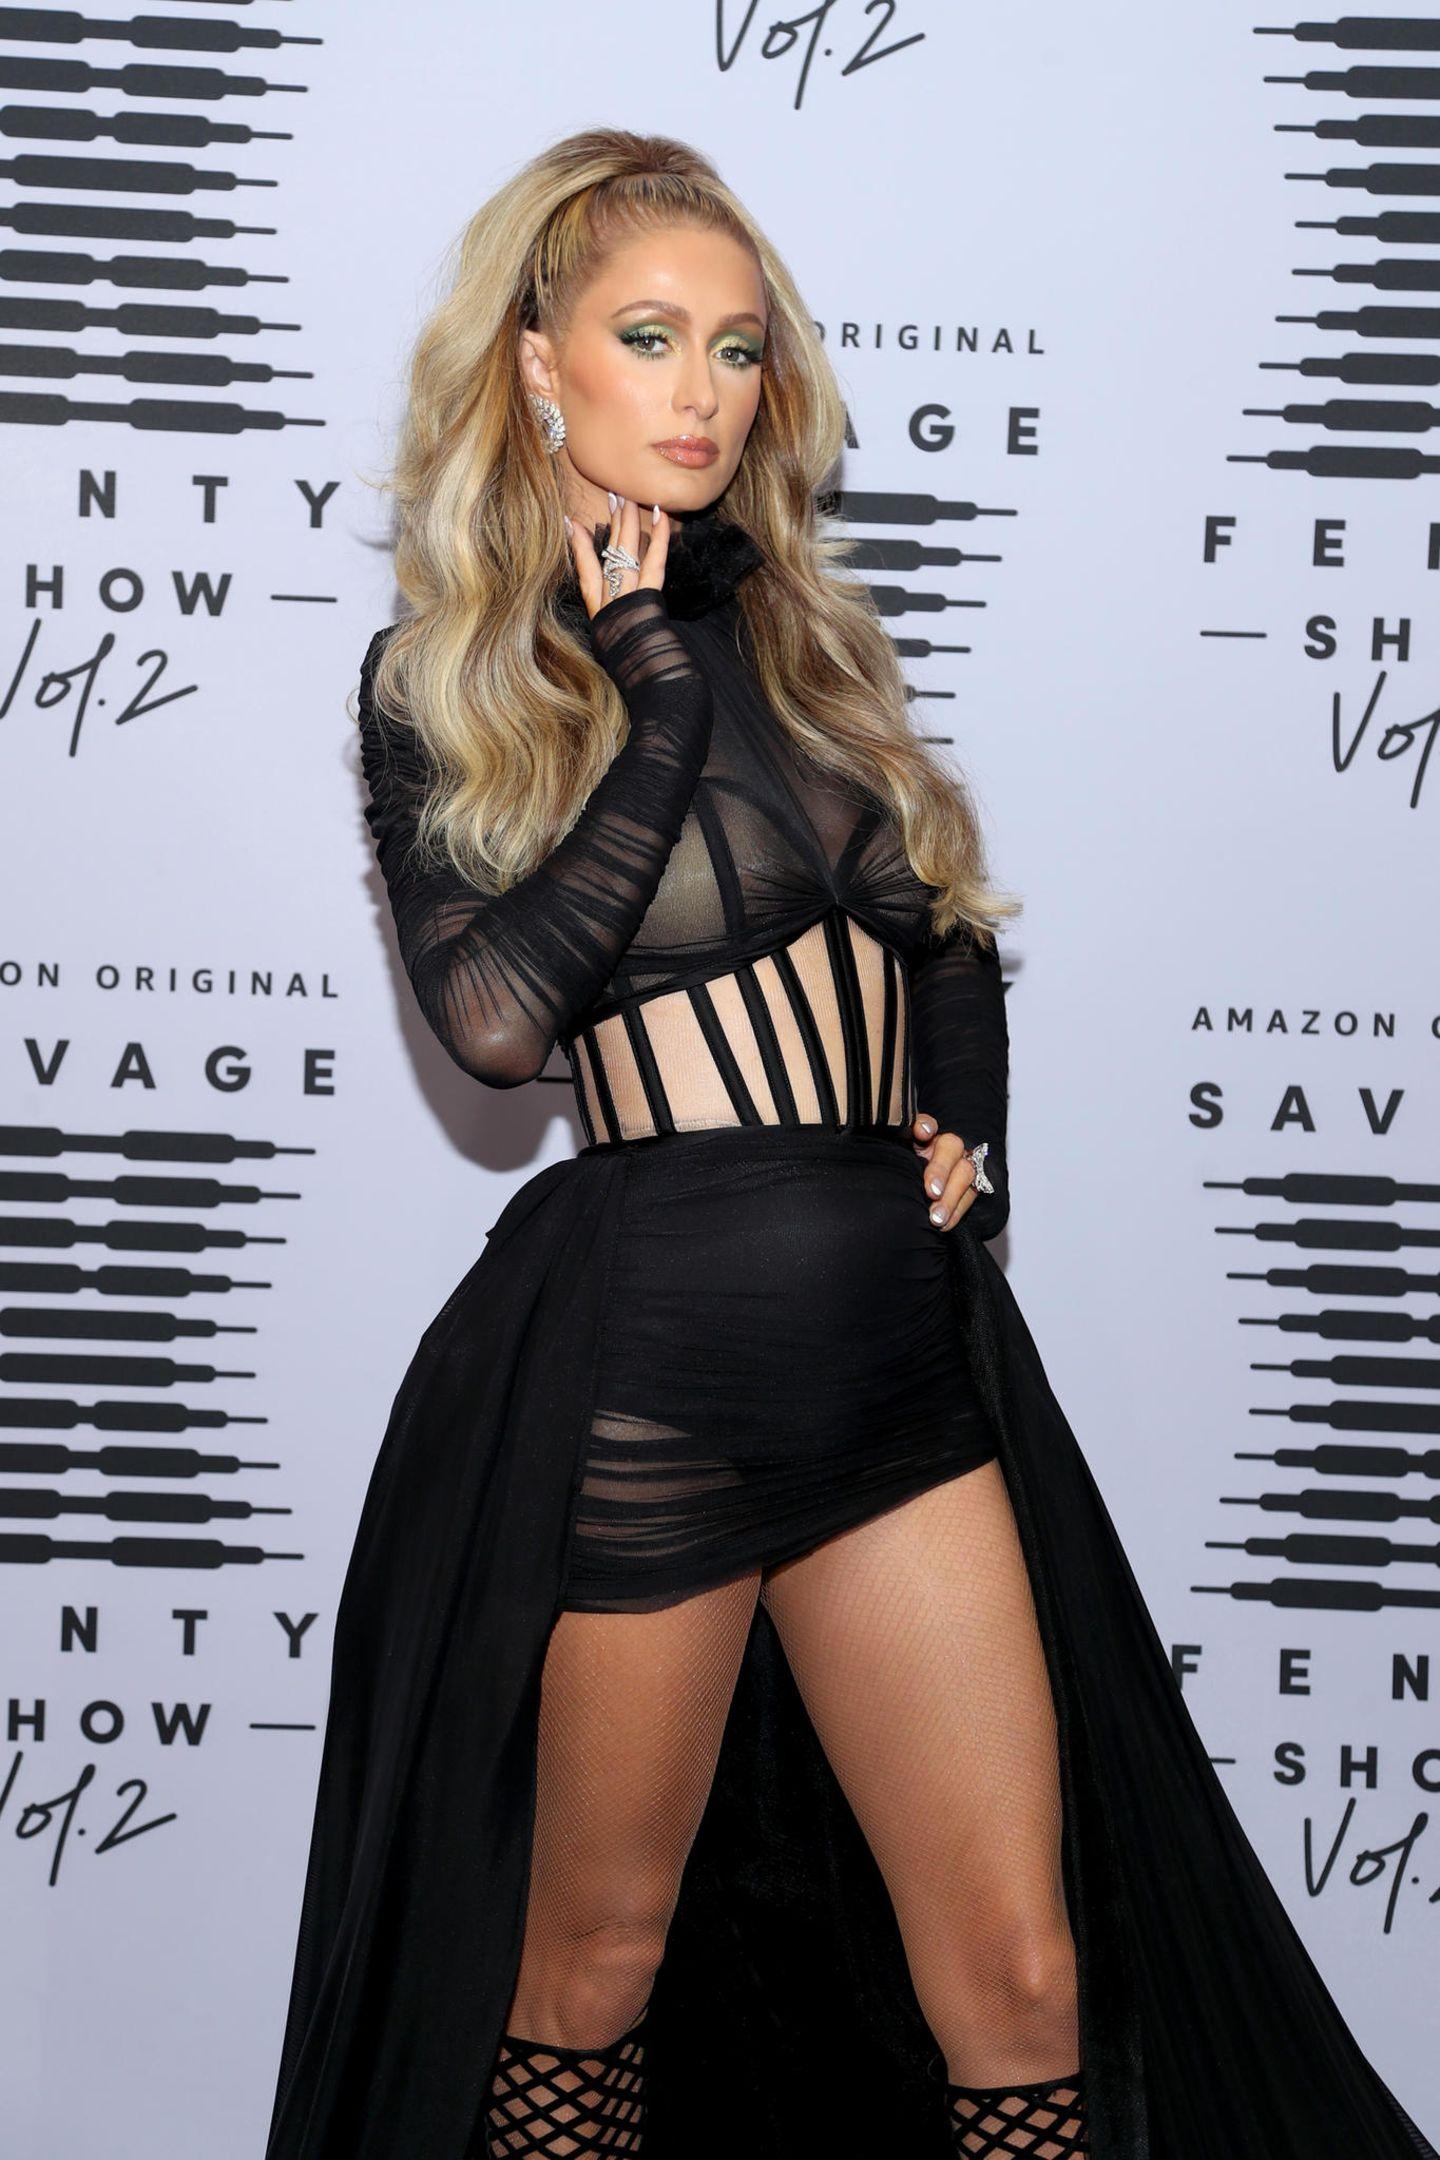 Den dramatischen Auftritt beherrscht Paris Hilton perfekt - auch sie zeigt sich mega sexy.